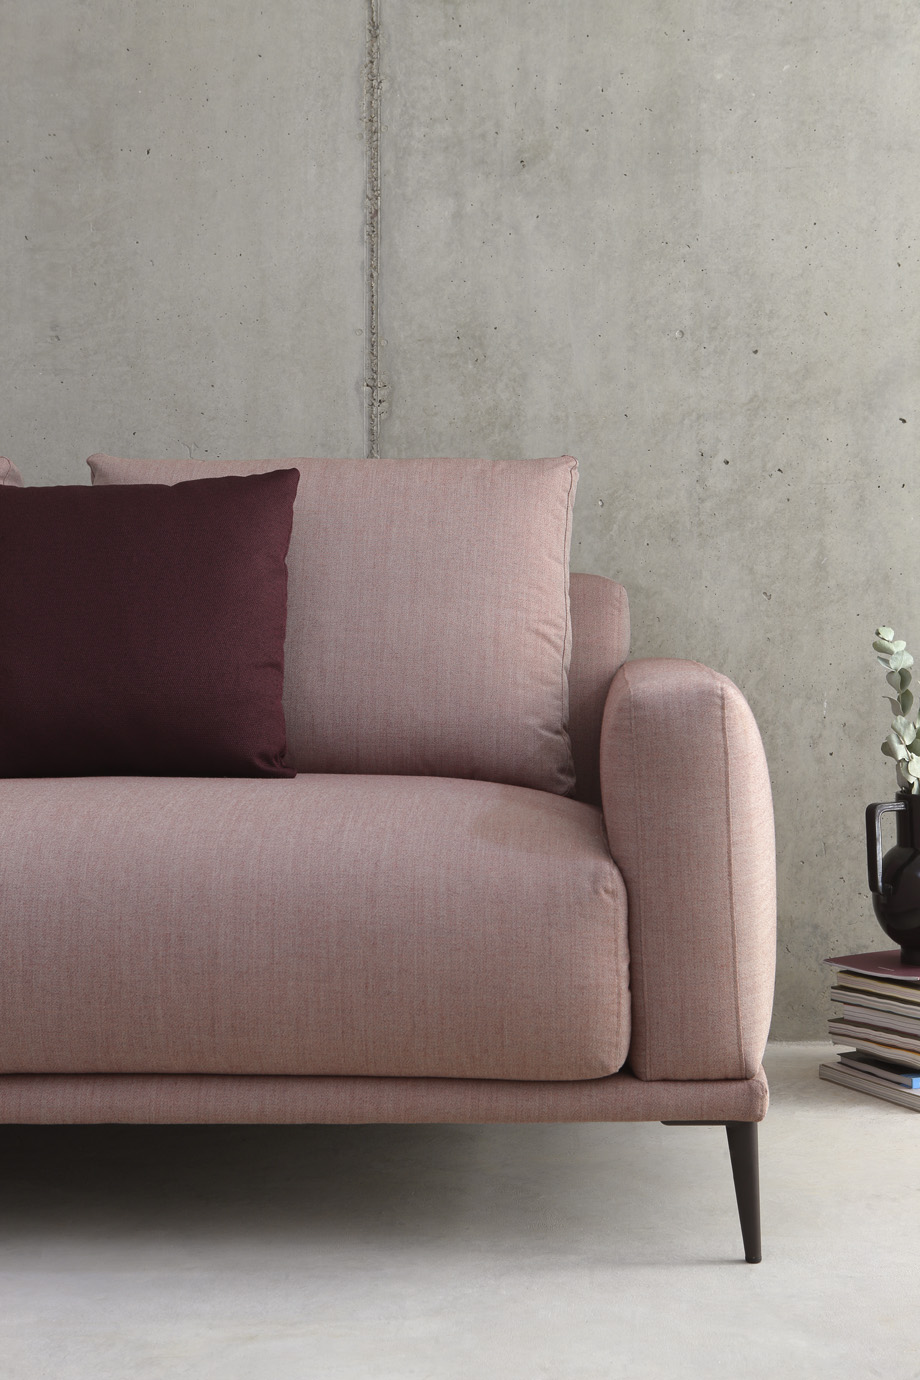 sofa alfil de lebom (3)